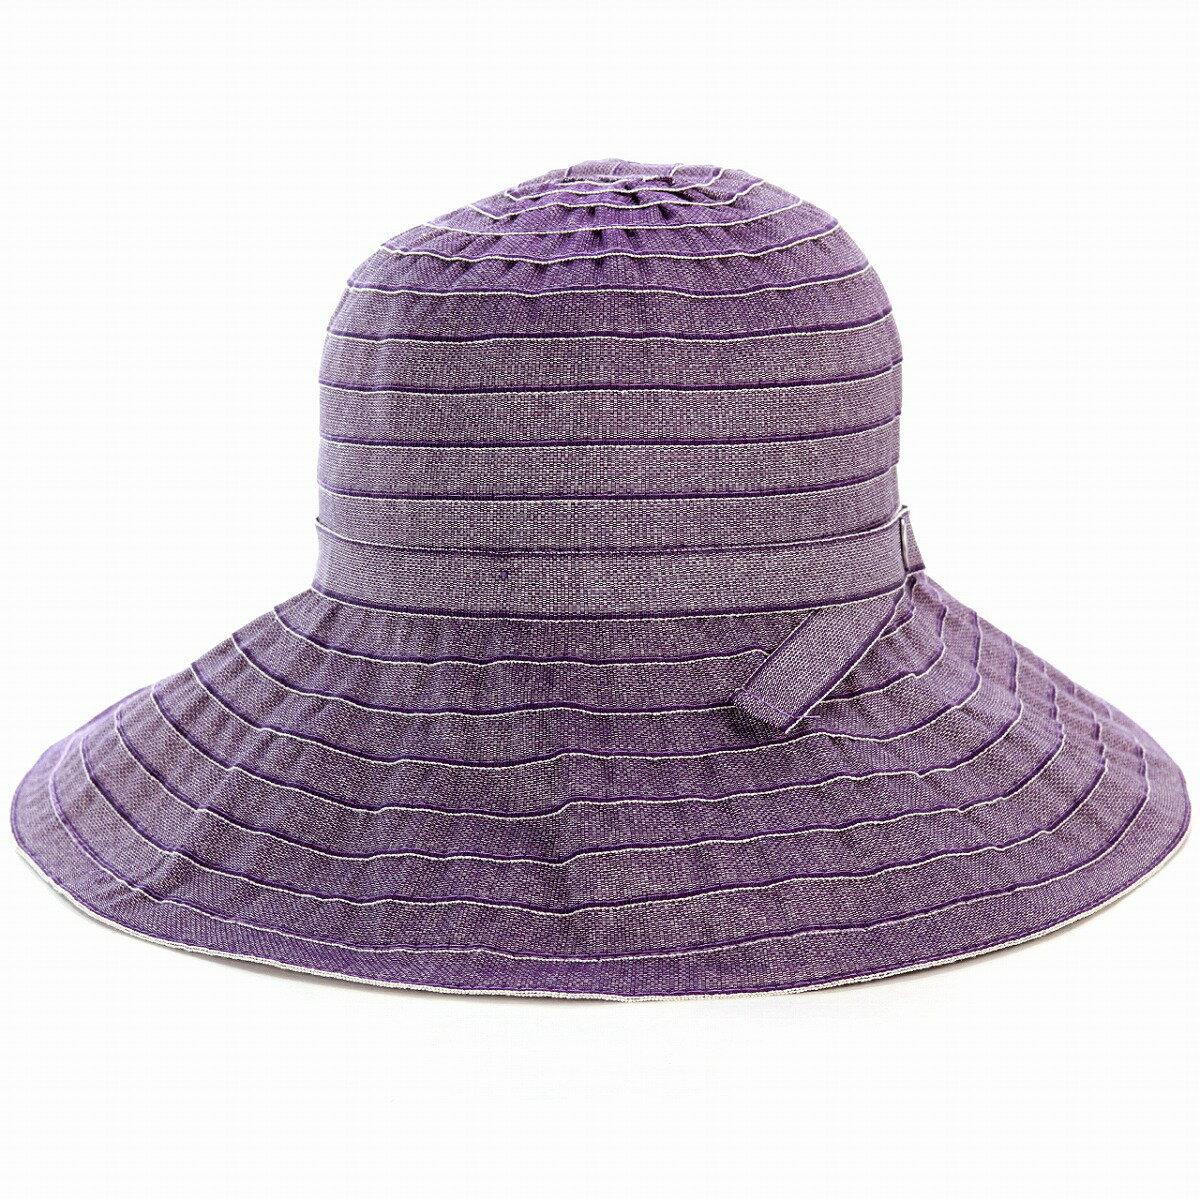 courreges 帽子 つば広 日よけ 紫外線対策 クレージュ レディース UVカット帽子 ツバ広ハット ミセスハット シャンブレー調グログラン ブレードハット ダウンハット UV対策 婦人帽子 手洗い可 マダム / 紫 パープル [ wide-brim hat ] 母の日 ギフト クリスマス プレゼント